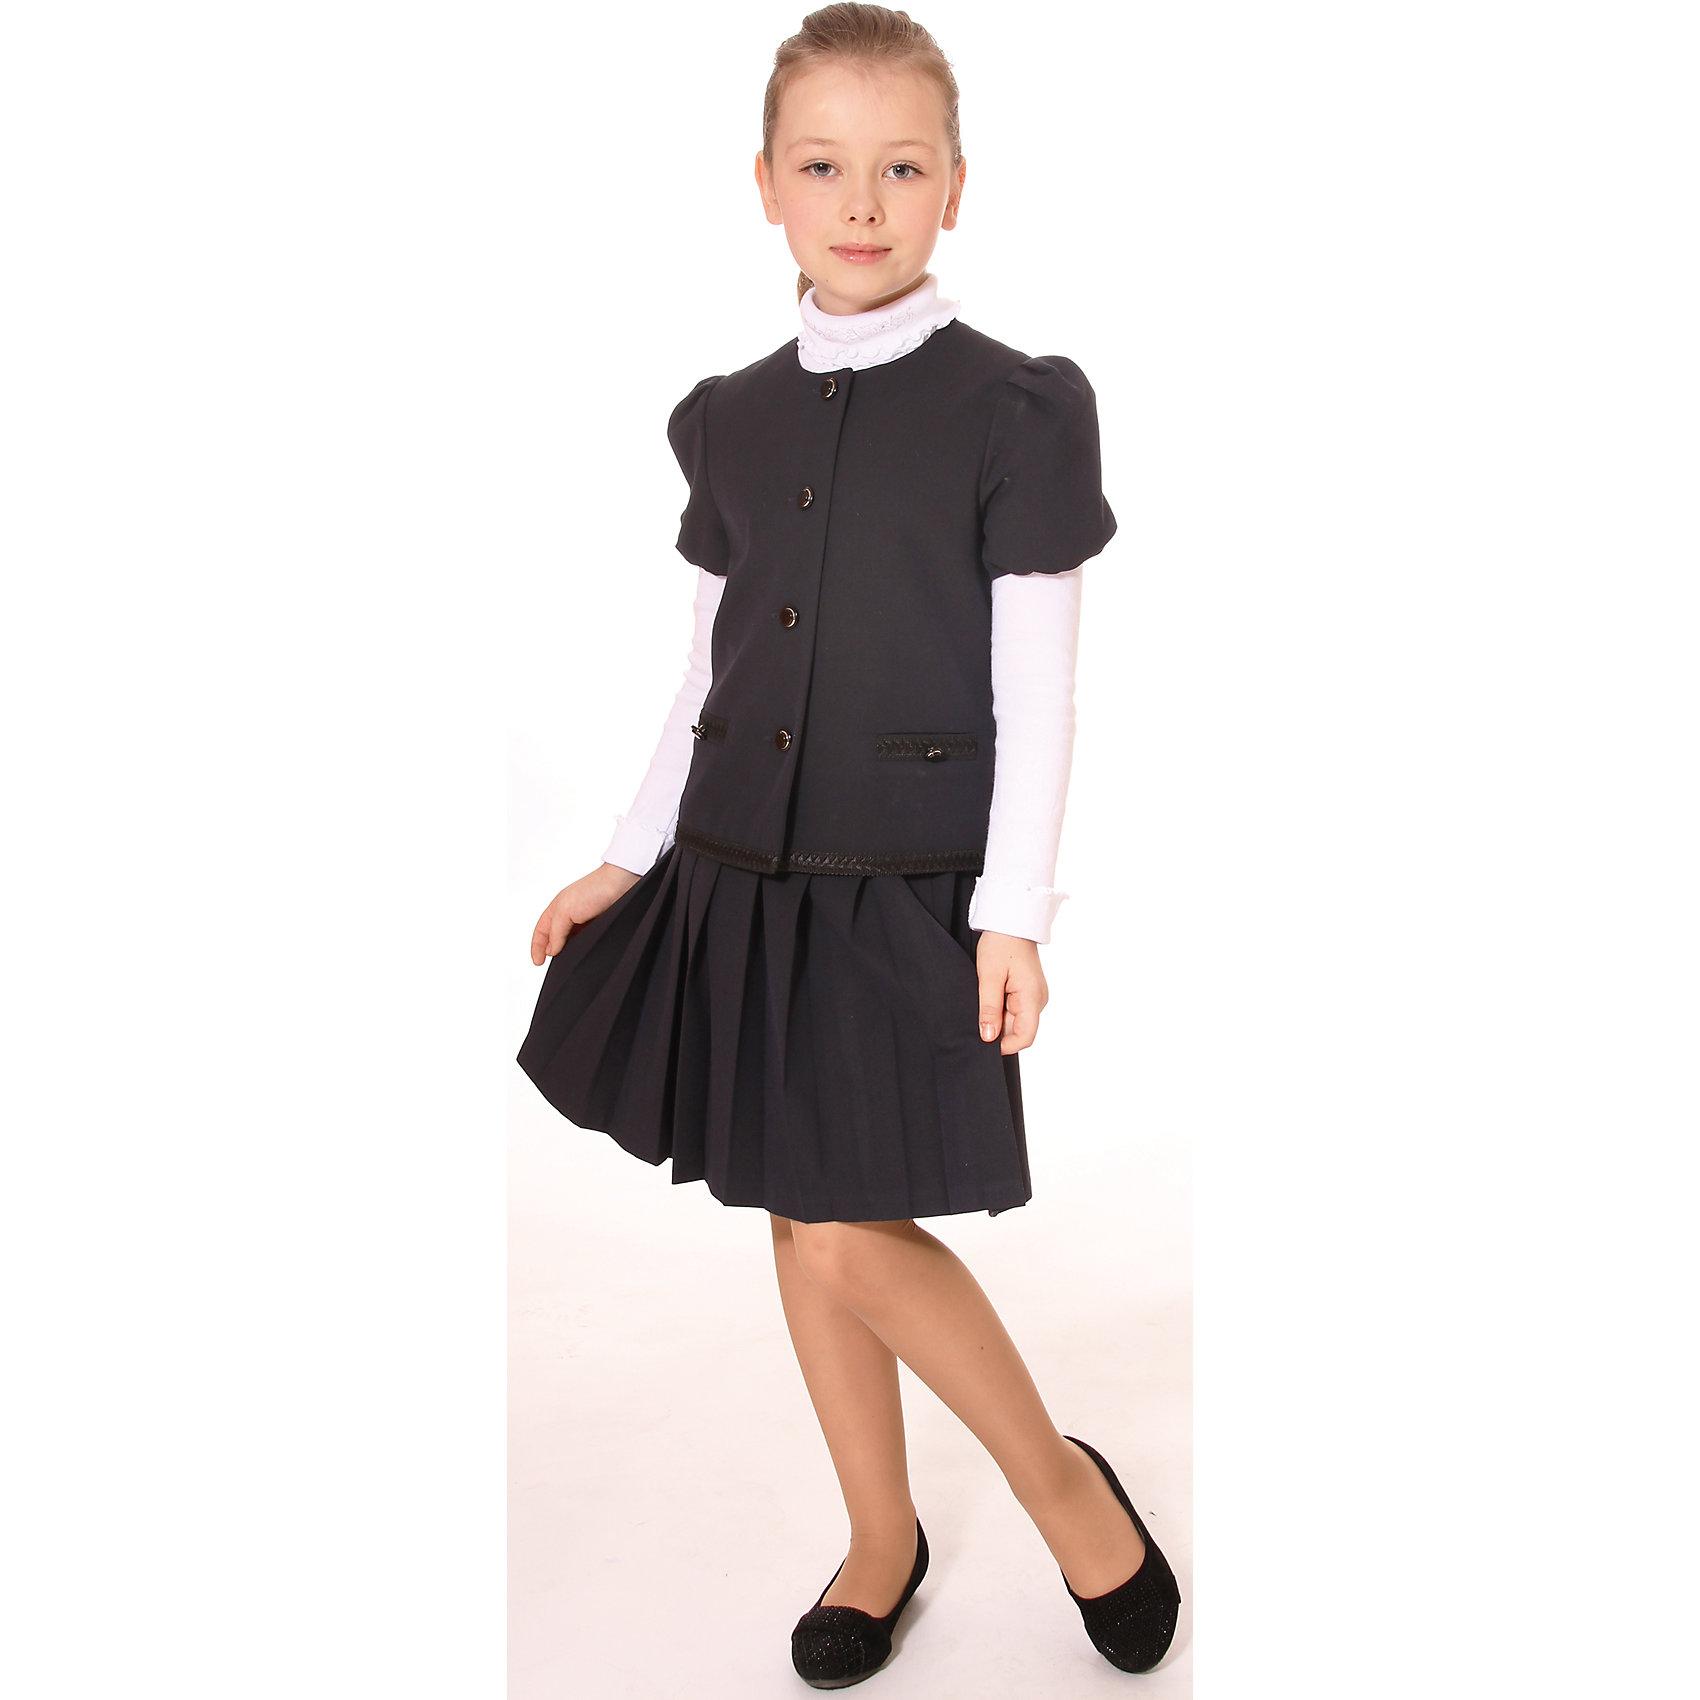 Костюм для девочки: жакет и юбка СменаКостюм для девочки: жакет и юбка от российской марки Смена.<br>Костюм состоит из жакета и юбки. Жакет с короткими рукавами - фонариками и отделкой тесьмой по карманам и линии низа. Юбка в складку на поясе, декорированном тесьмой.<br>Состав:<br>30% вискоза, 65% полиэстер, 5% эластан<br><br>Ширина мм: 356<br>Глубина мм: 10<br>Высота мм: 245<br>Вес г: 519<br>Цвет: синий<br>Возраст от месяцев: 108<br>Возраст до месяцев: 120<br>Пол: Женский<br>Возраст: Детский<br>Размер: 140,122,152,158,146,128,134<br>SKU: 4177313